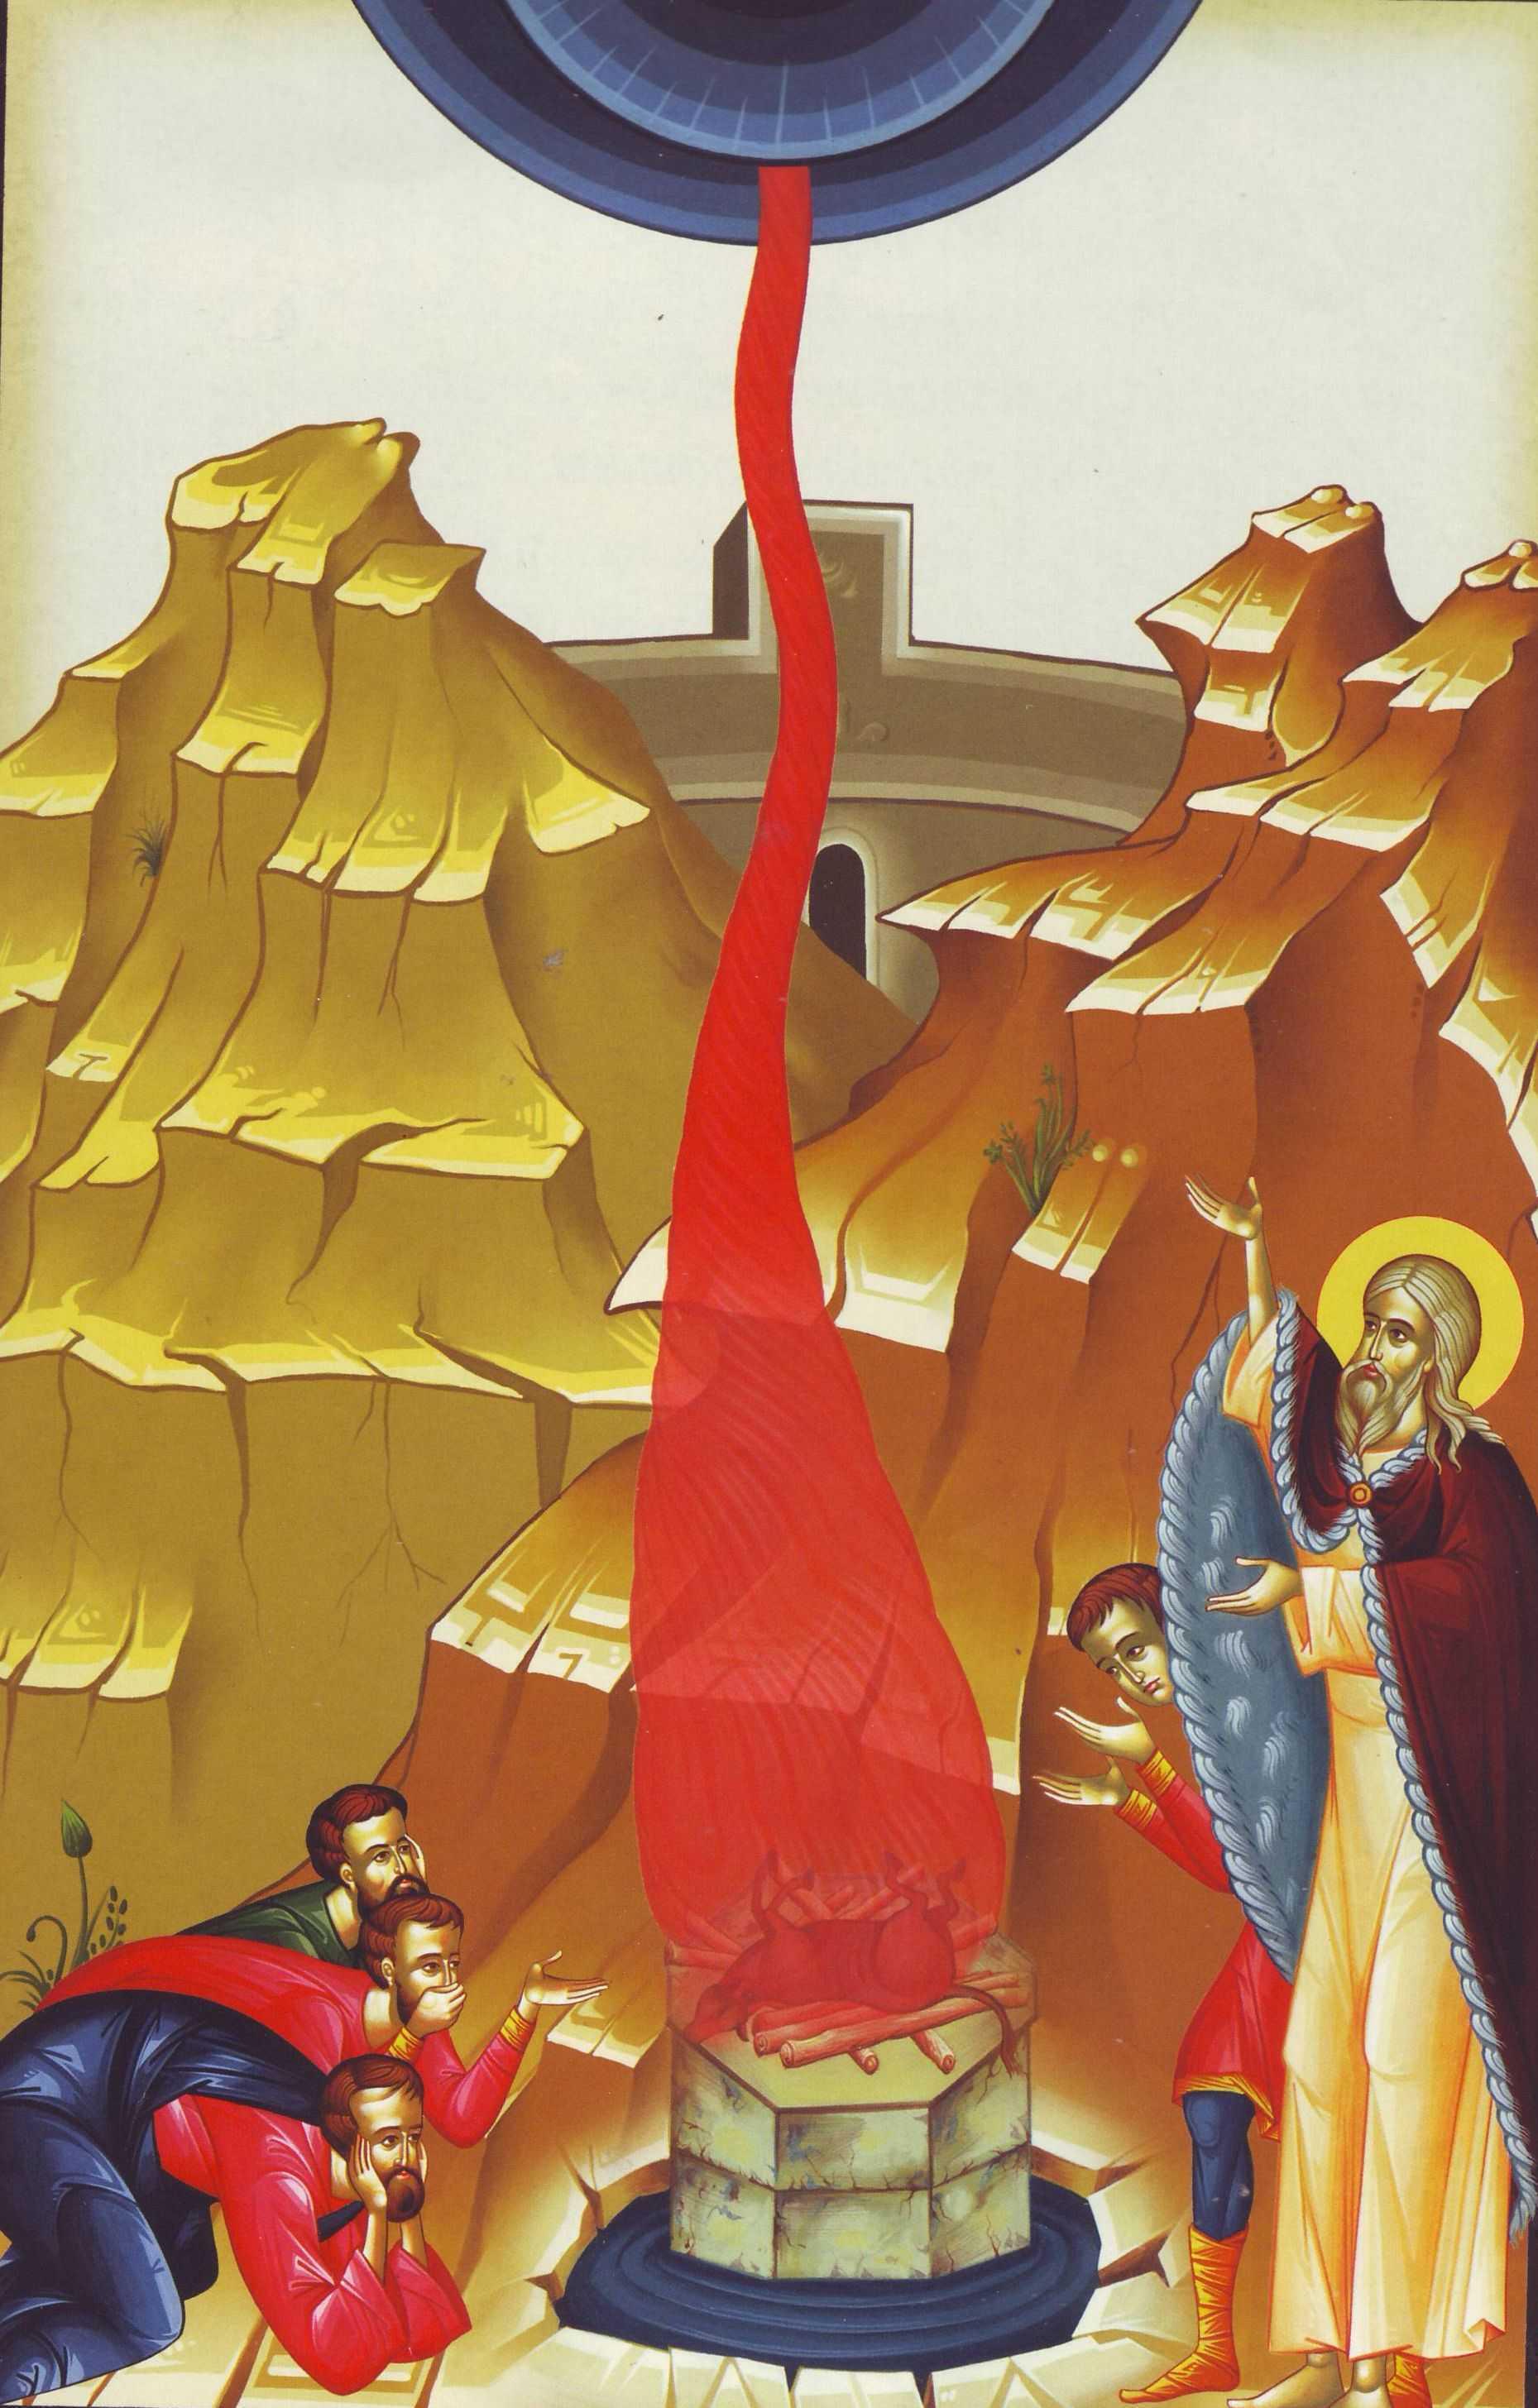 ORI LA BAAL, cu religia corectitudinii politice, ORI LA… DUMNEZEU/ Cum ne intalnim cu <b>Sfantul Ilie</b>? Cum ii asteptam intoarcerea pe pamant?/ <i>DE CE INJURI DE CELE SFINTE?</i>/ Pilda caintei lui Ahab care a intors mânia lui Dumnezeu